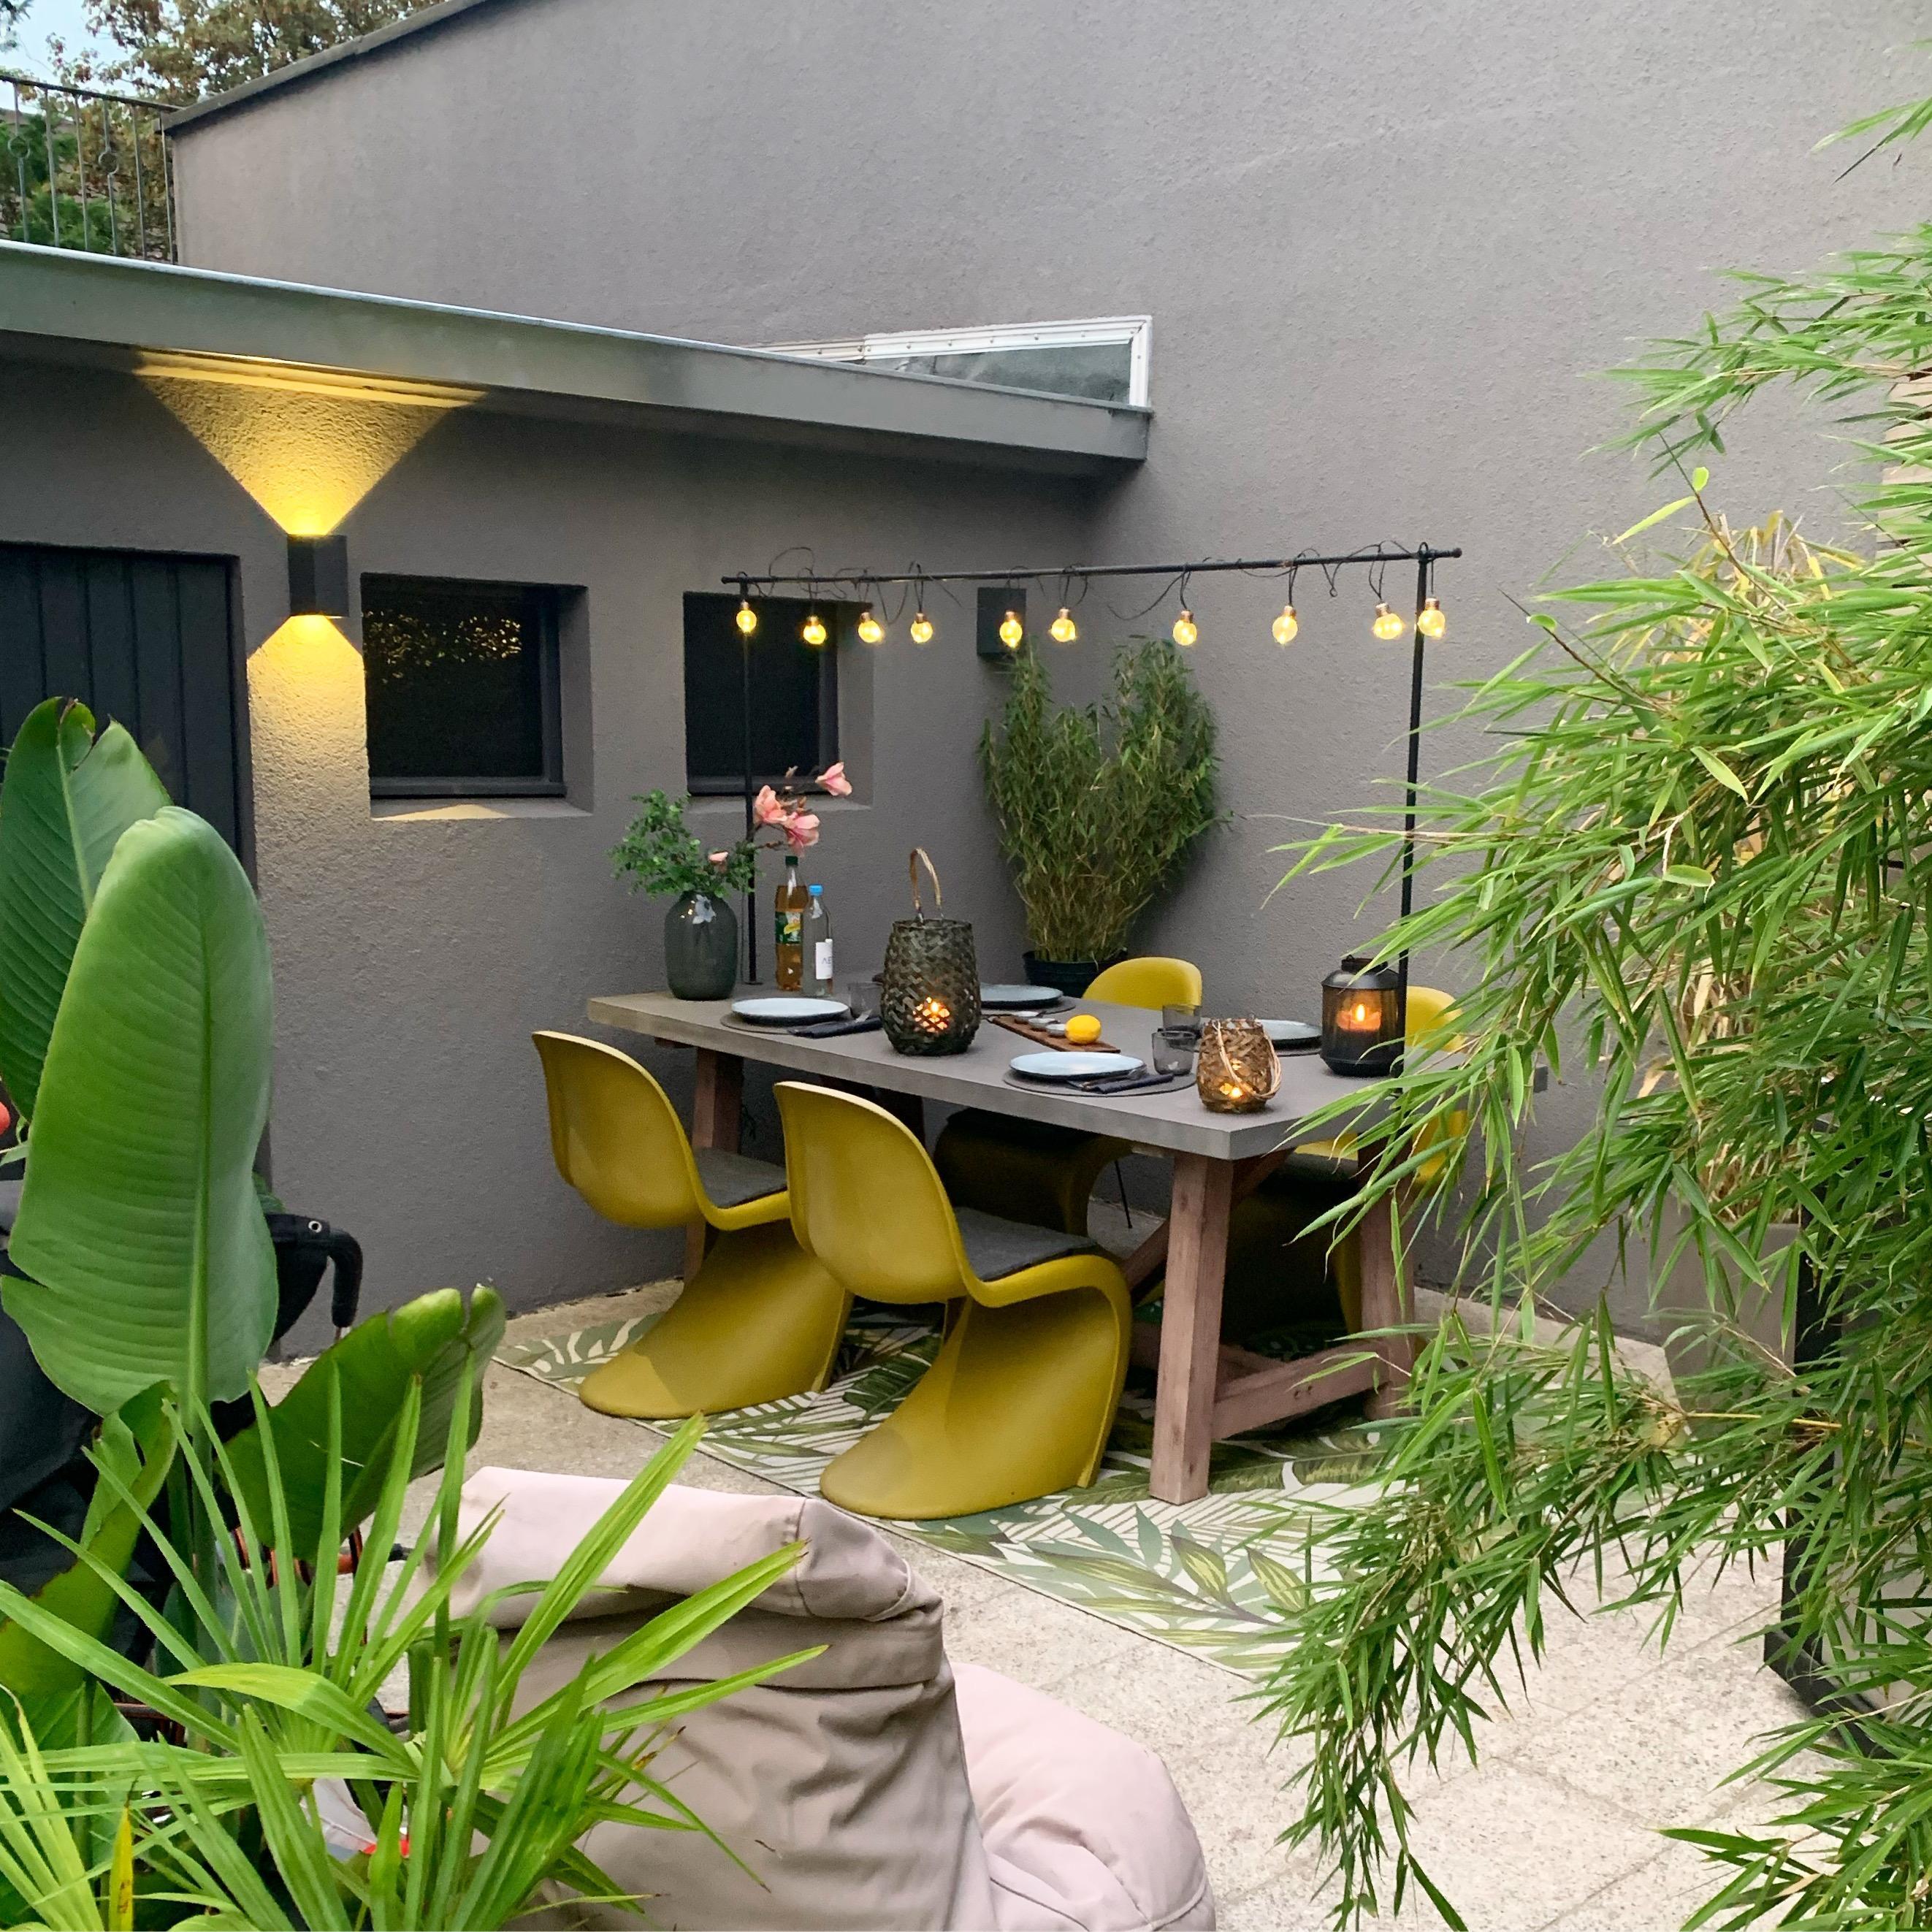 Gartengestaltung: Ideen & Bilder für deine grüne Oase!